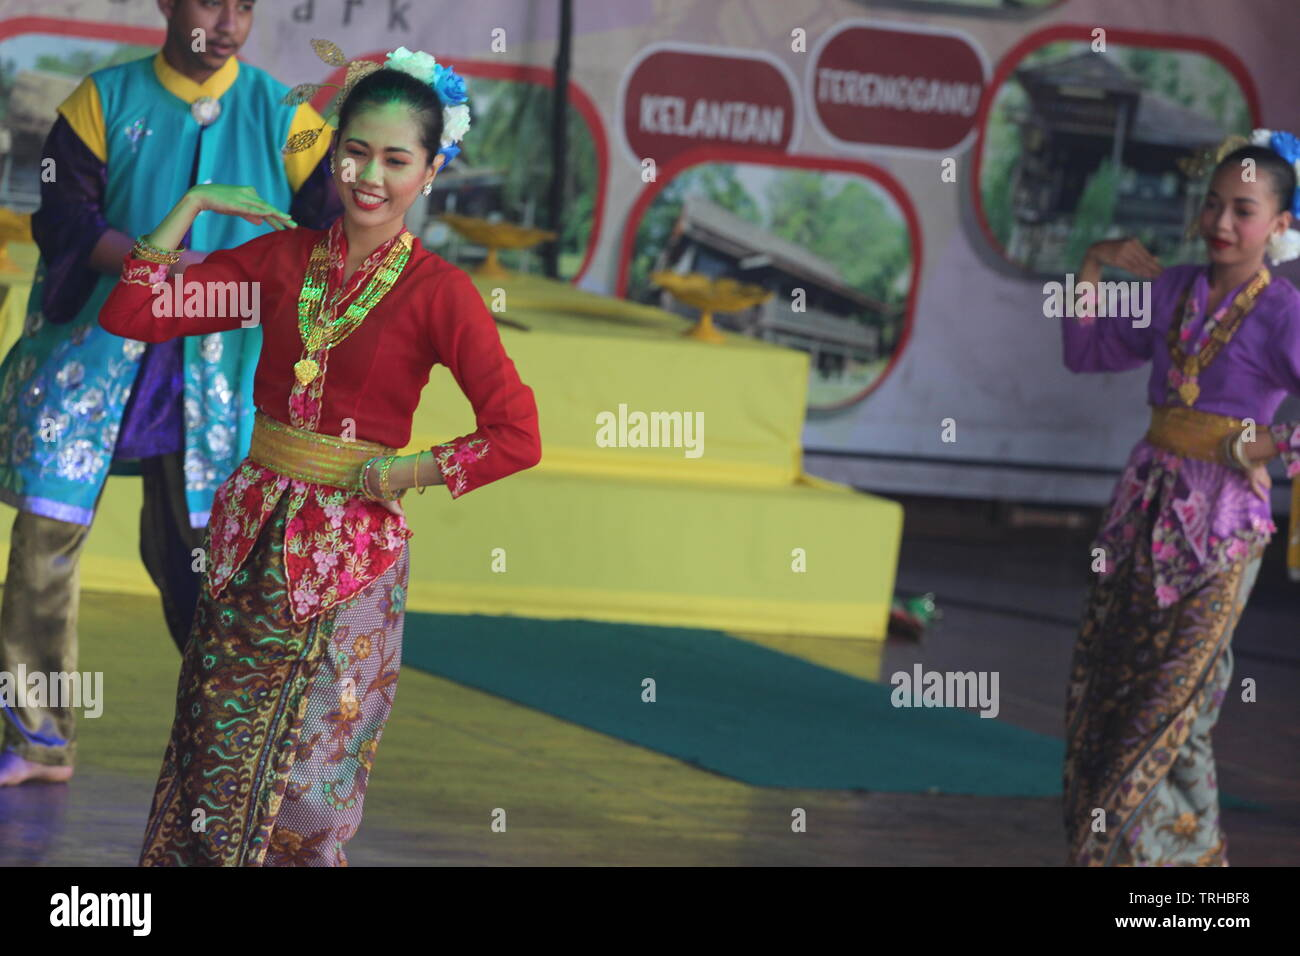 Baile tradicional en la ciudad de Malaca por bailarines locales, hombres y mujeres, Melaka, Malasia. Foto de stock